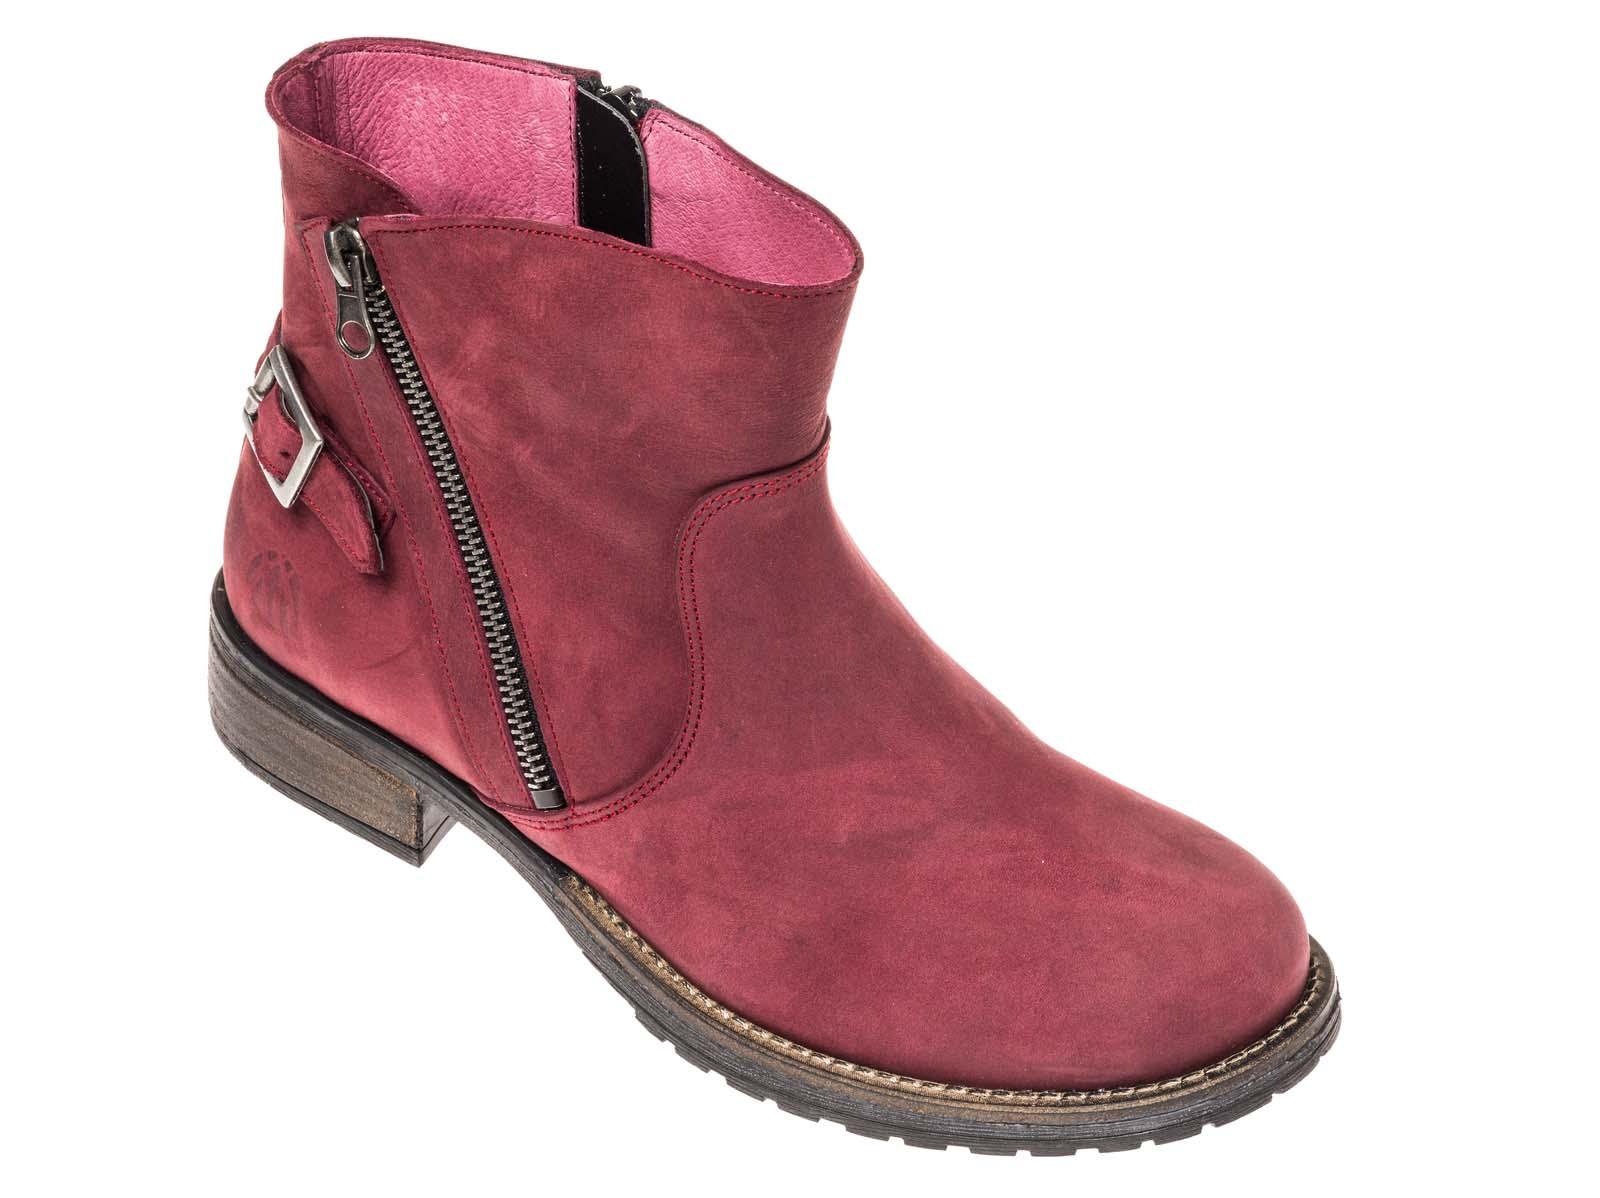 Haasnoot Footwear Karlsruhe Jj Sale 160 Schoenen 1137054 QsChrtd